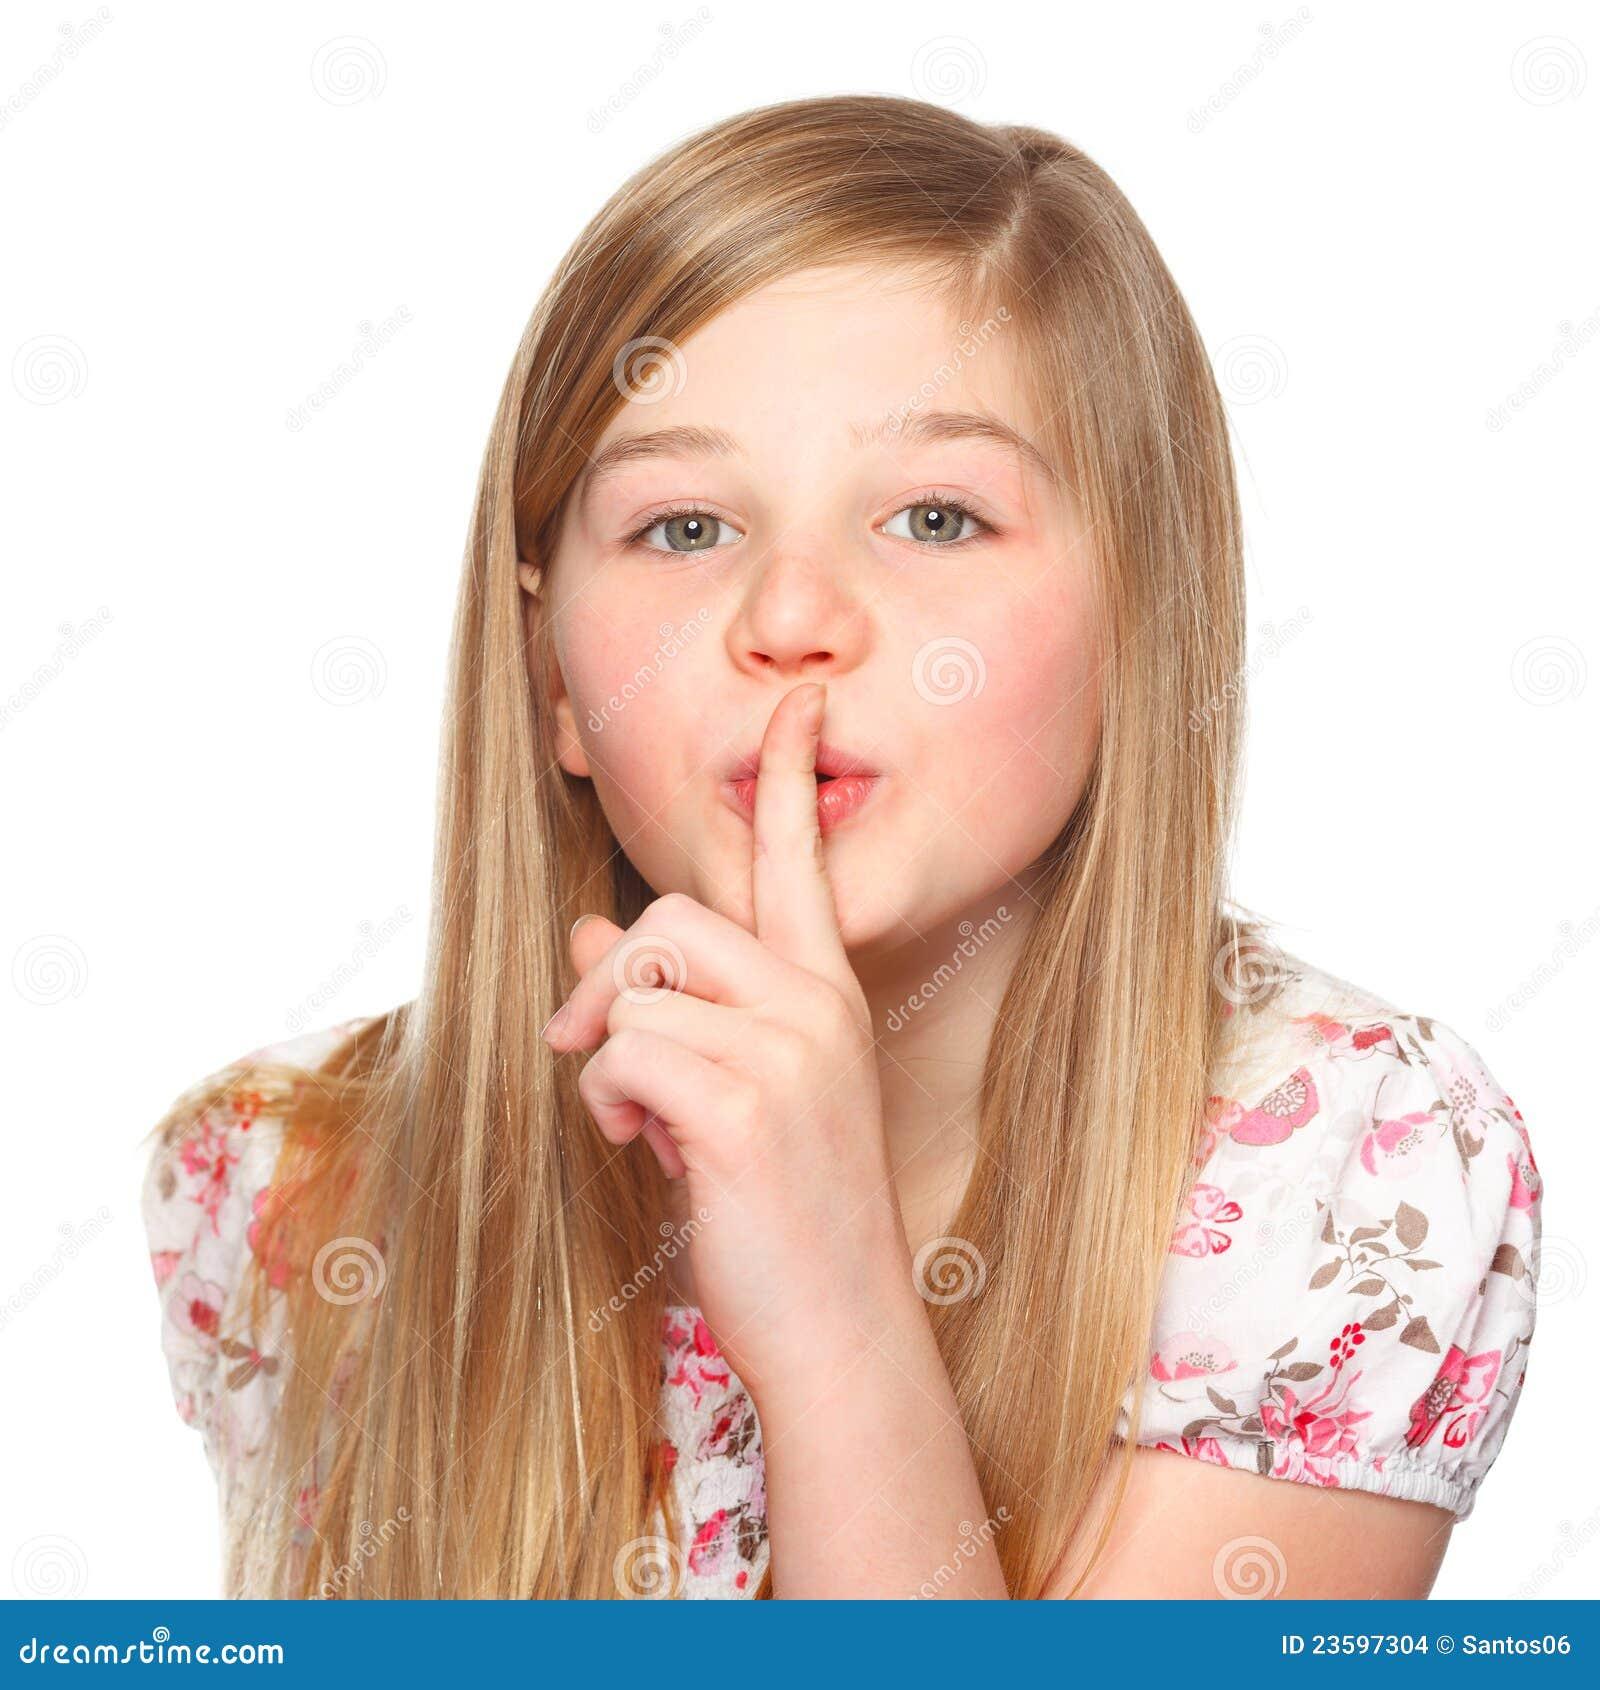 Girl fingering girl